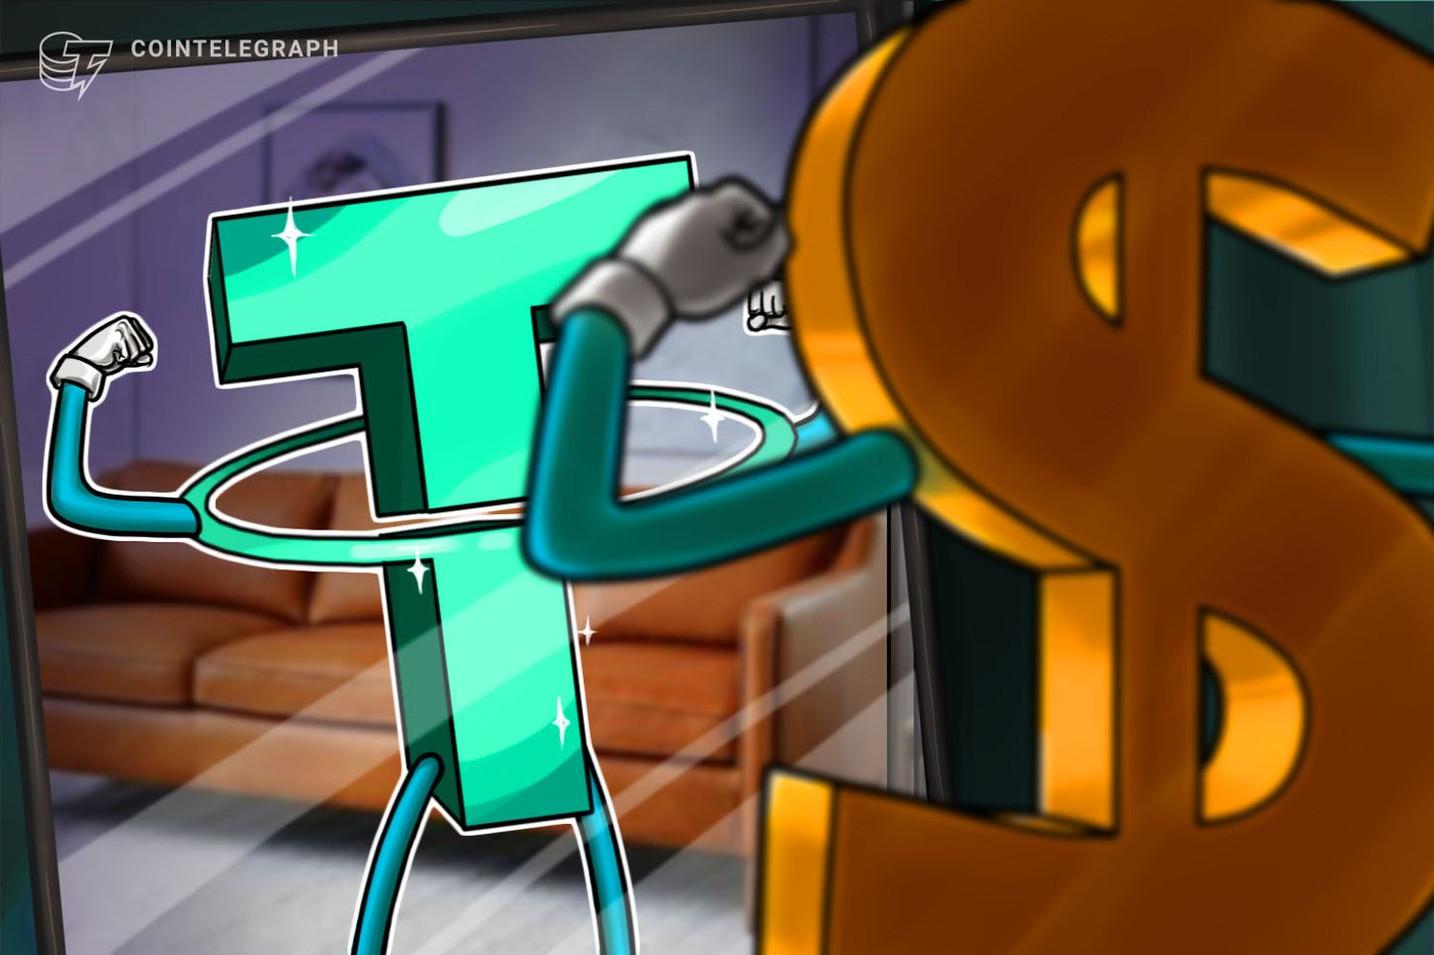 テザーの時価総額が右肩上がりで増加 仮想通貨ビットコイン上昇を暗示か?